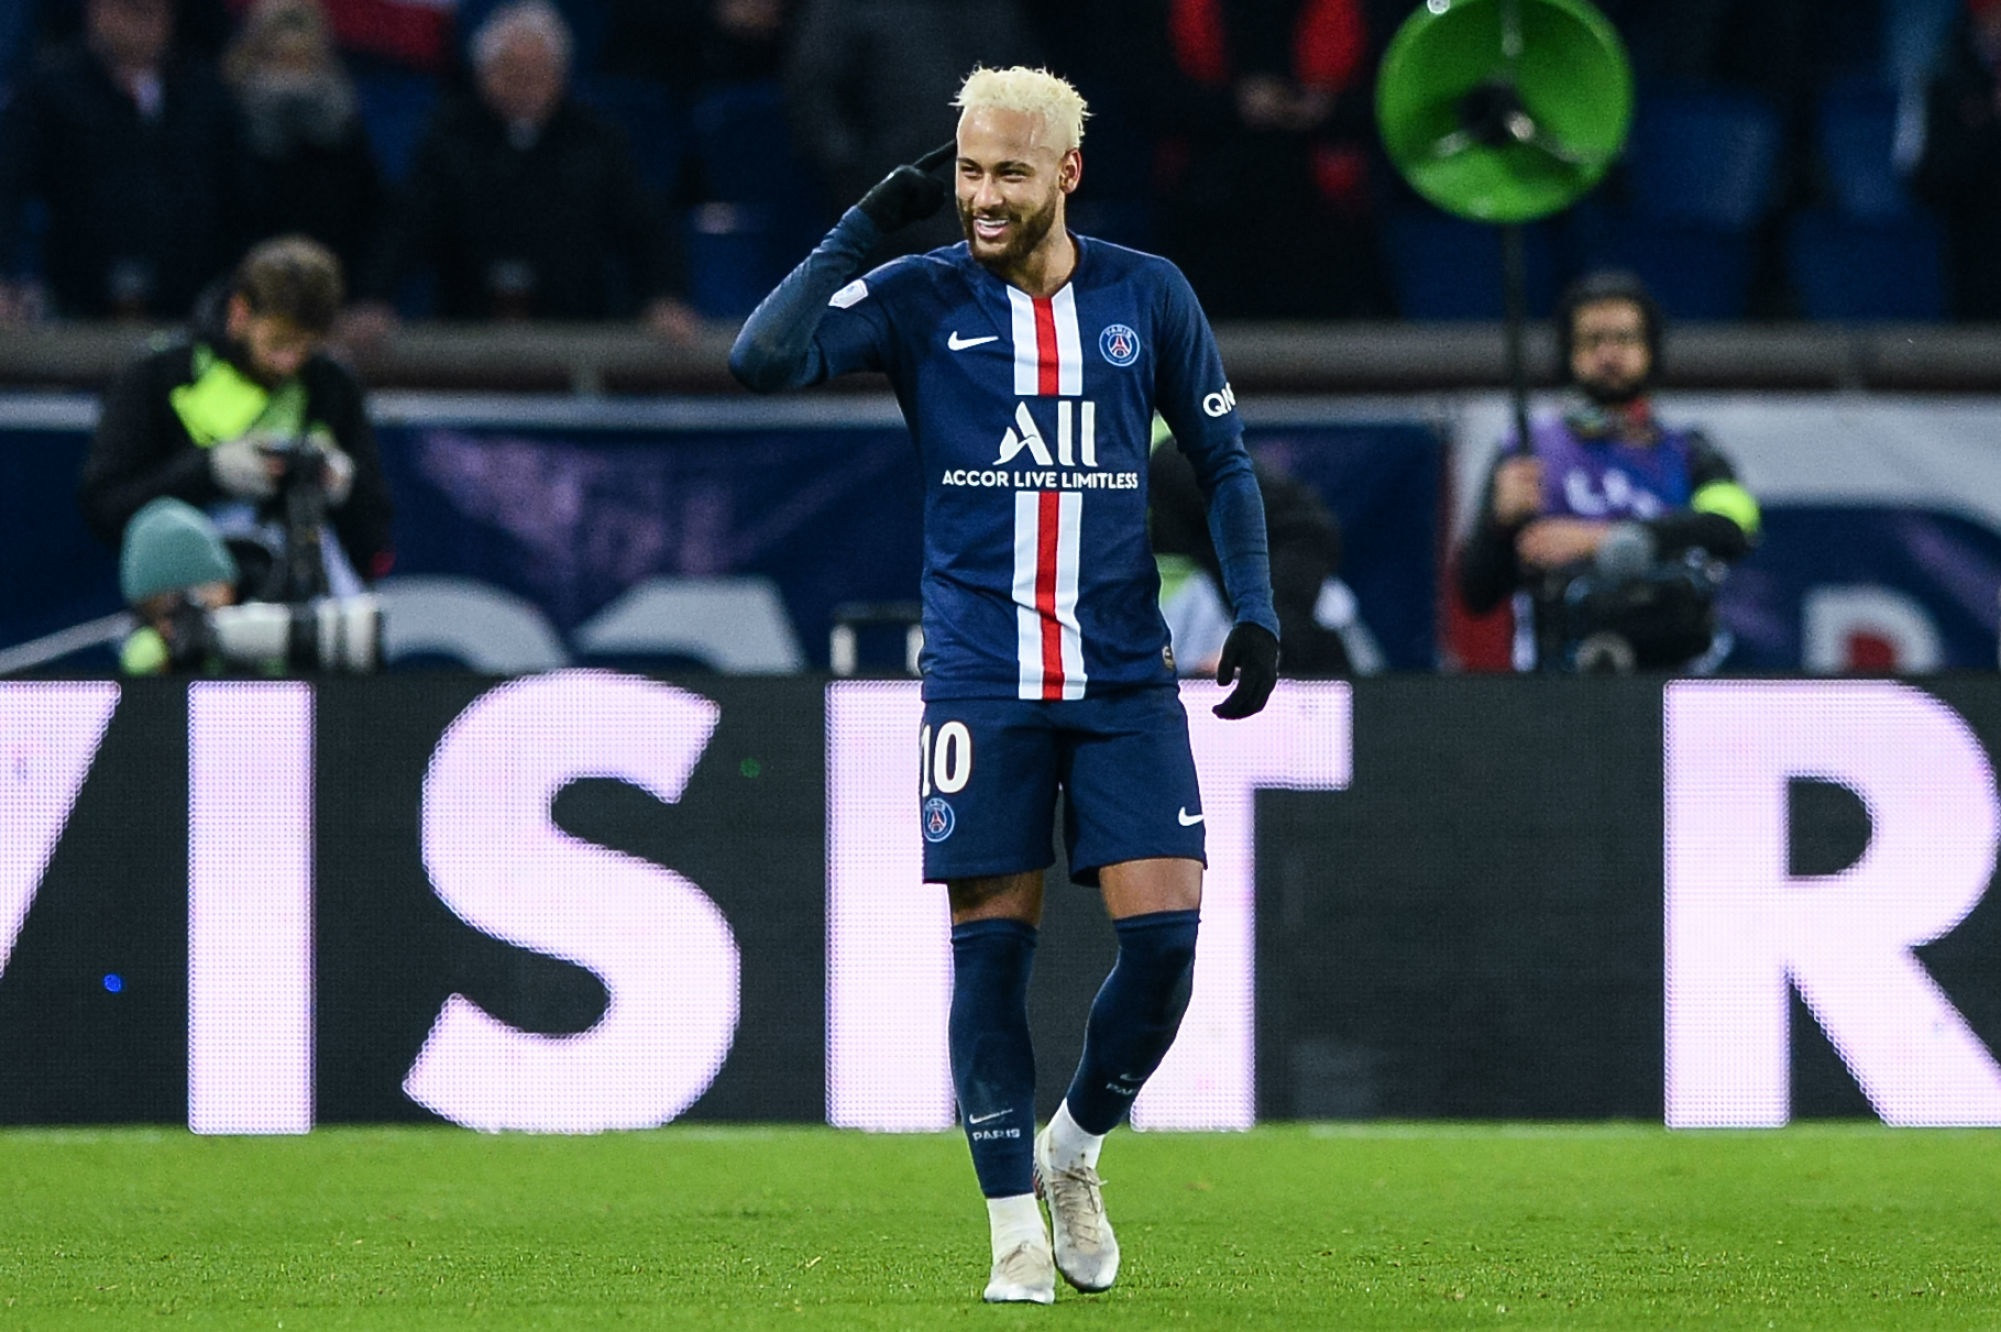 La plus belle réalisation du PSG cette saison, 2e manche : Neymar s'impose contre Aouchiche